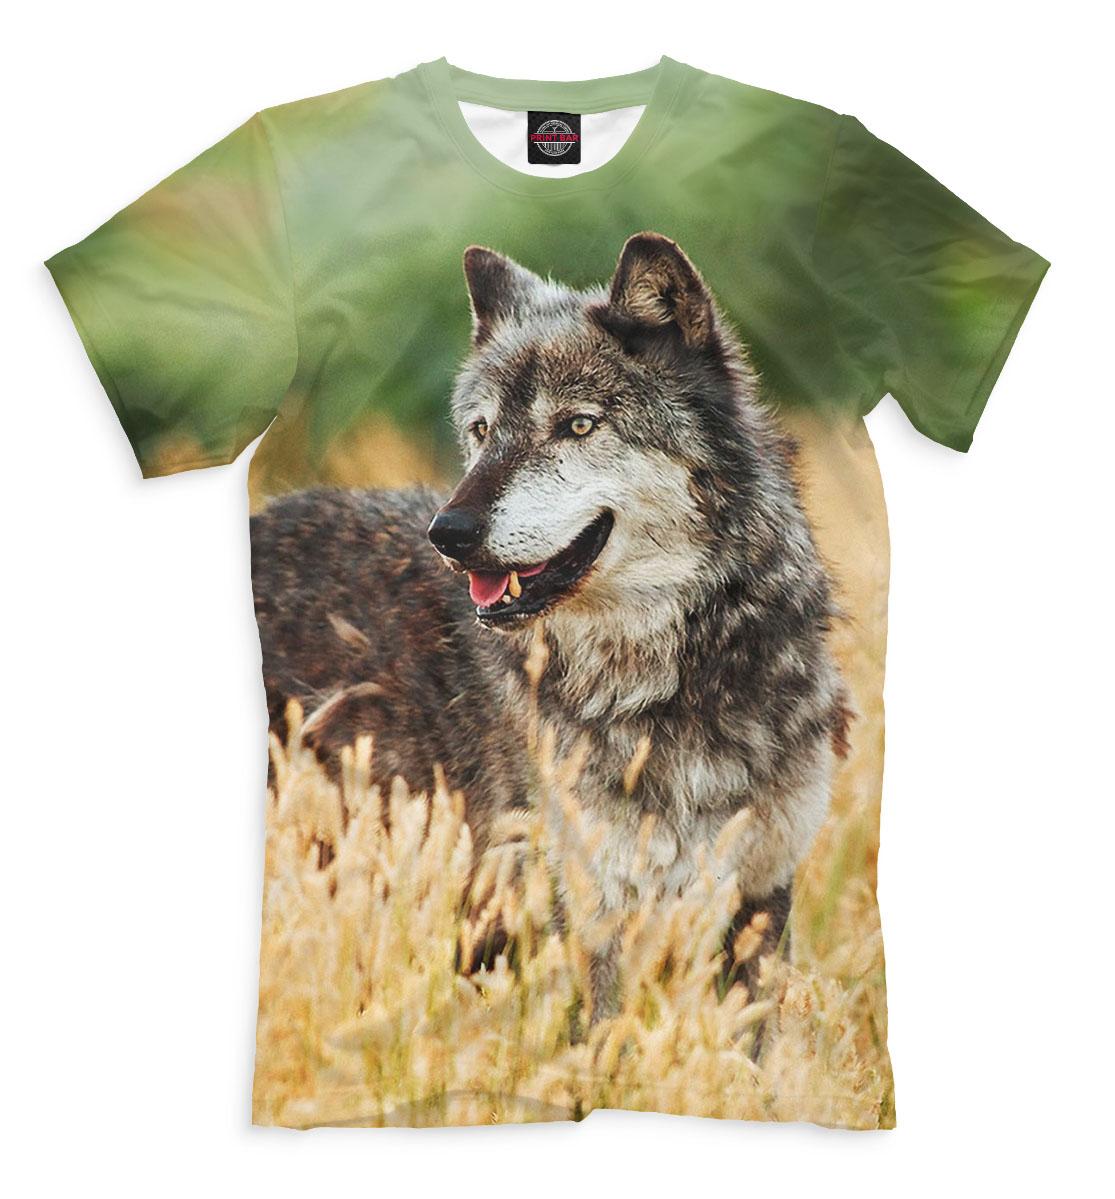 Волк, Printbar, Футболки, VLF-412415-fut-2  - купить со скидкой